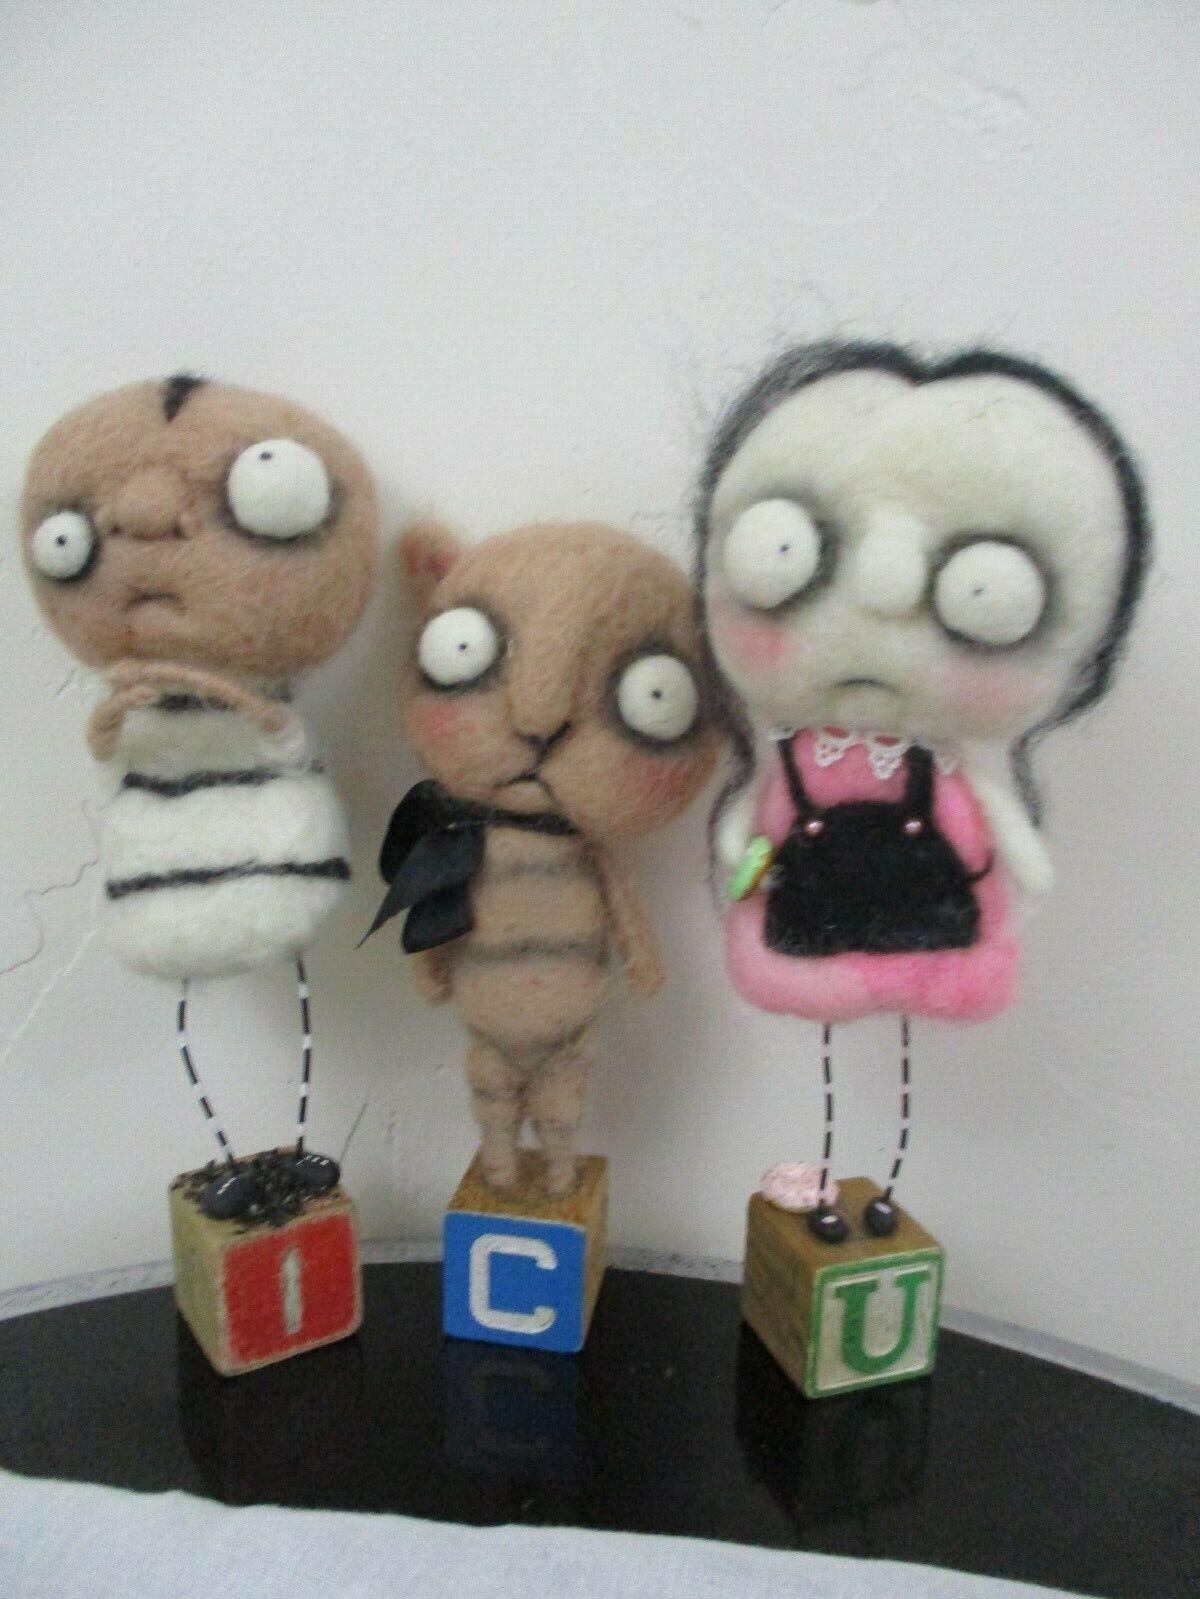 Arte rojoucidas de lana hecho a mano uno de muñecas tipo 3 Set I C U espeluznante horror Papermoon